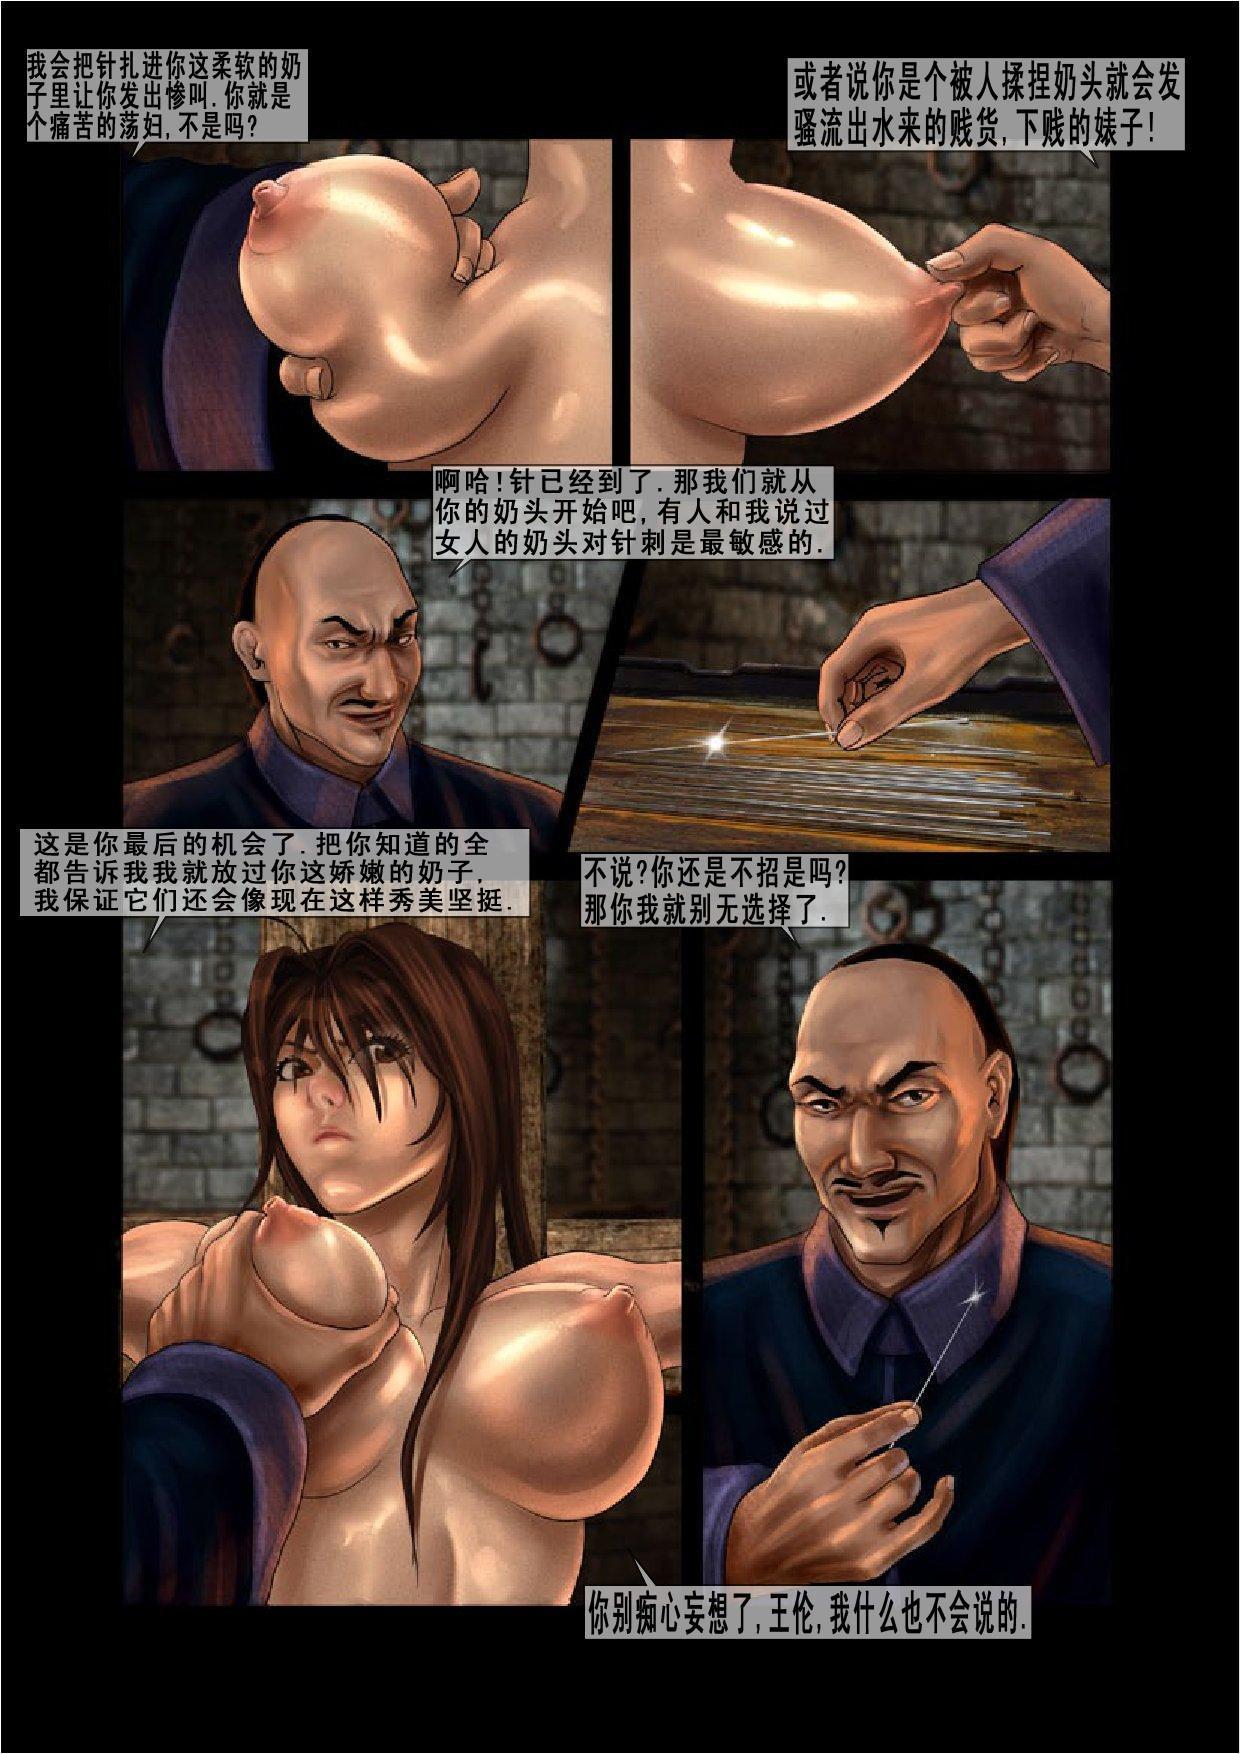 中国军阀的性奴1 7